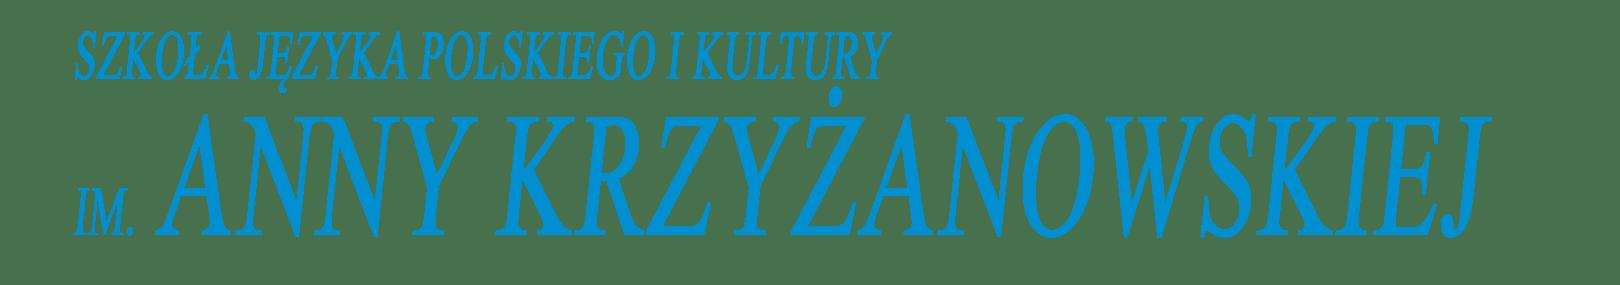 Школа имени Анны Крижановской